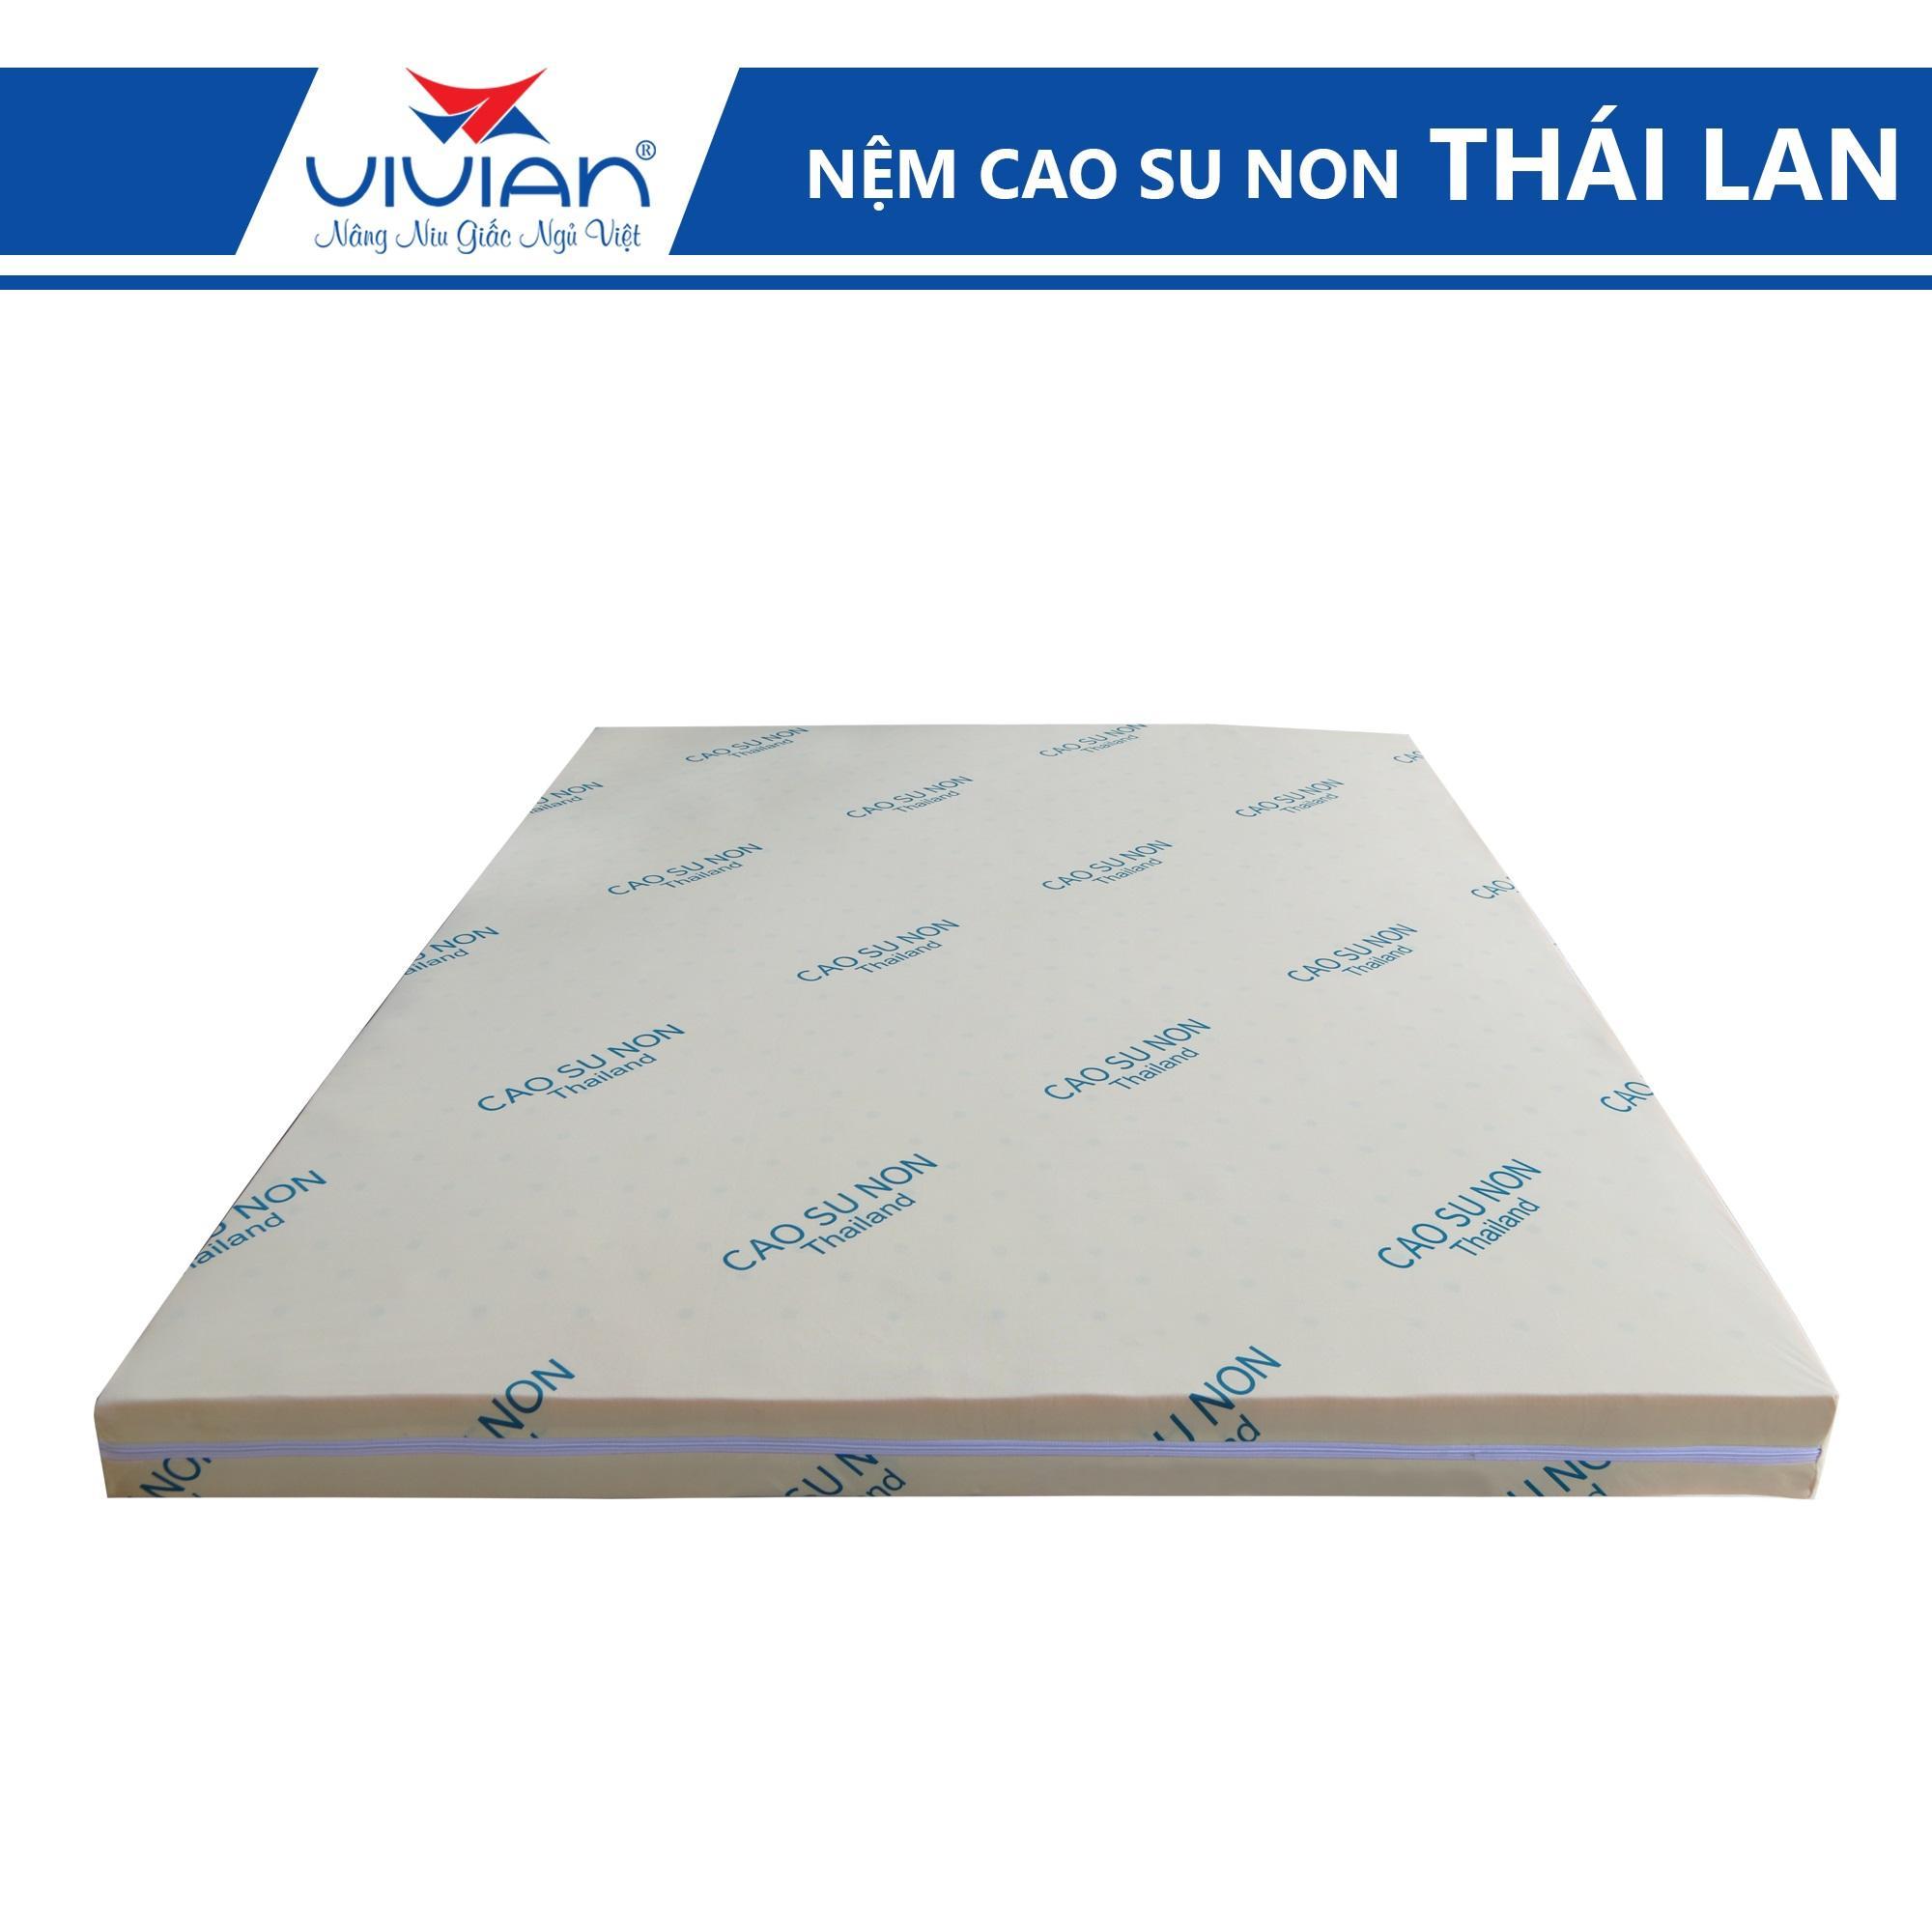 Nệm Cao Su Non THAILAND 1m6*2m*10cm - Bảo Hành Xẹp Lún Chính Hãng 10 Năm Giá Siêu Cạnh Tranh